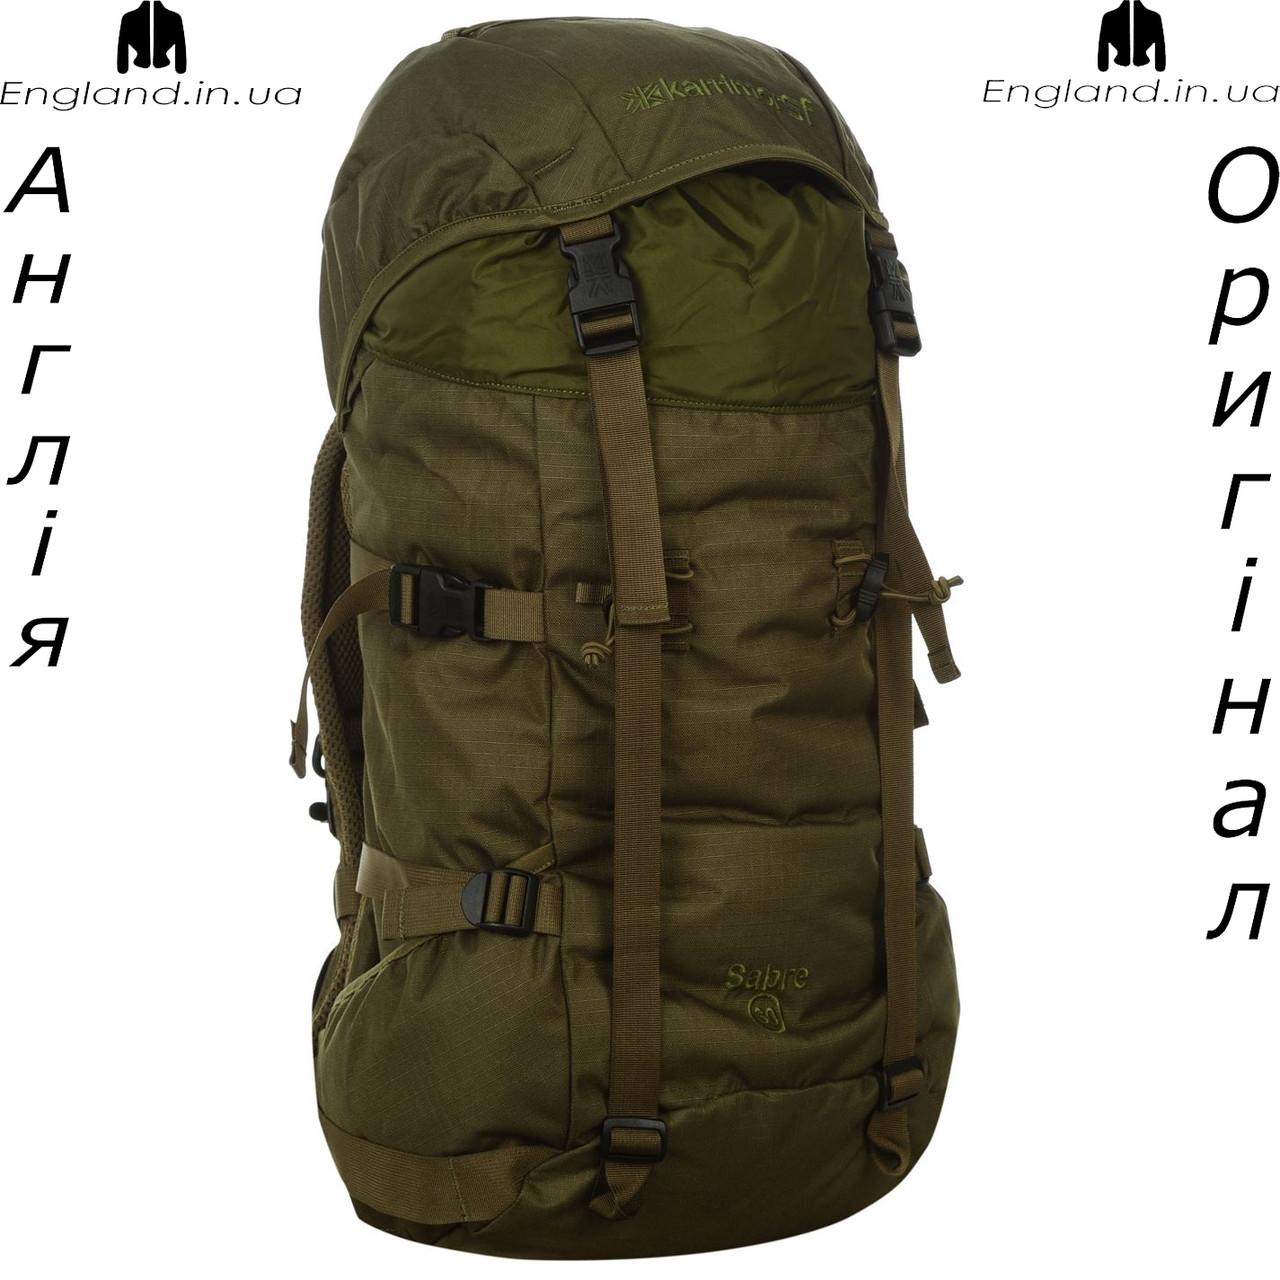 Рюкзак туристический 30 литров Karrimor из Англии - в поход